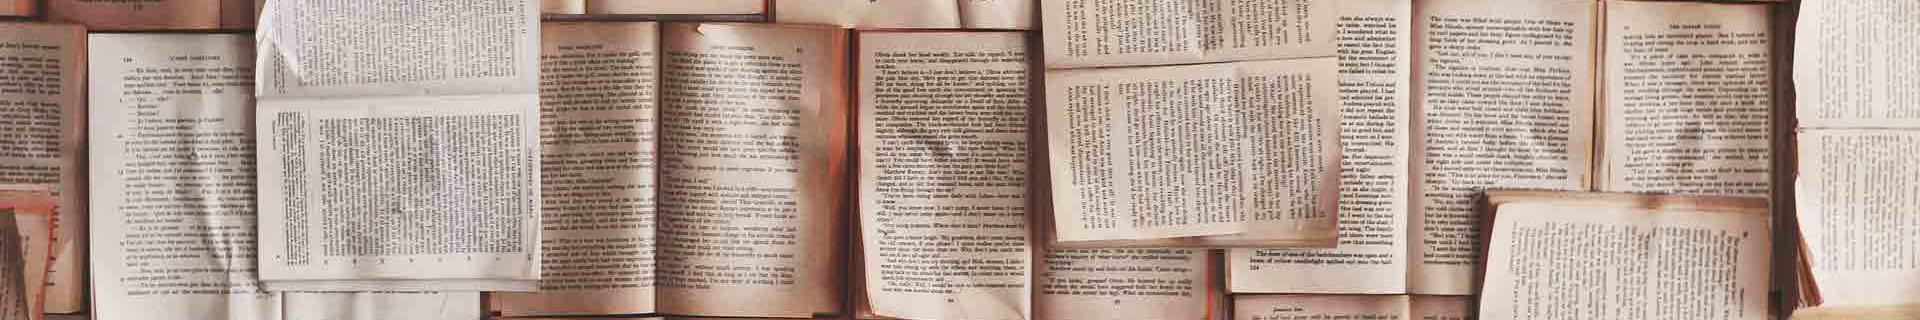 alte Bücher, Text, Druckerei